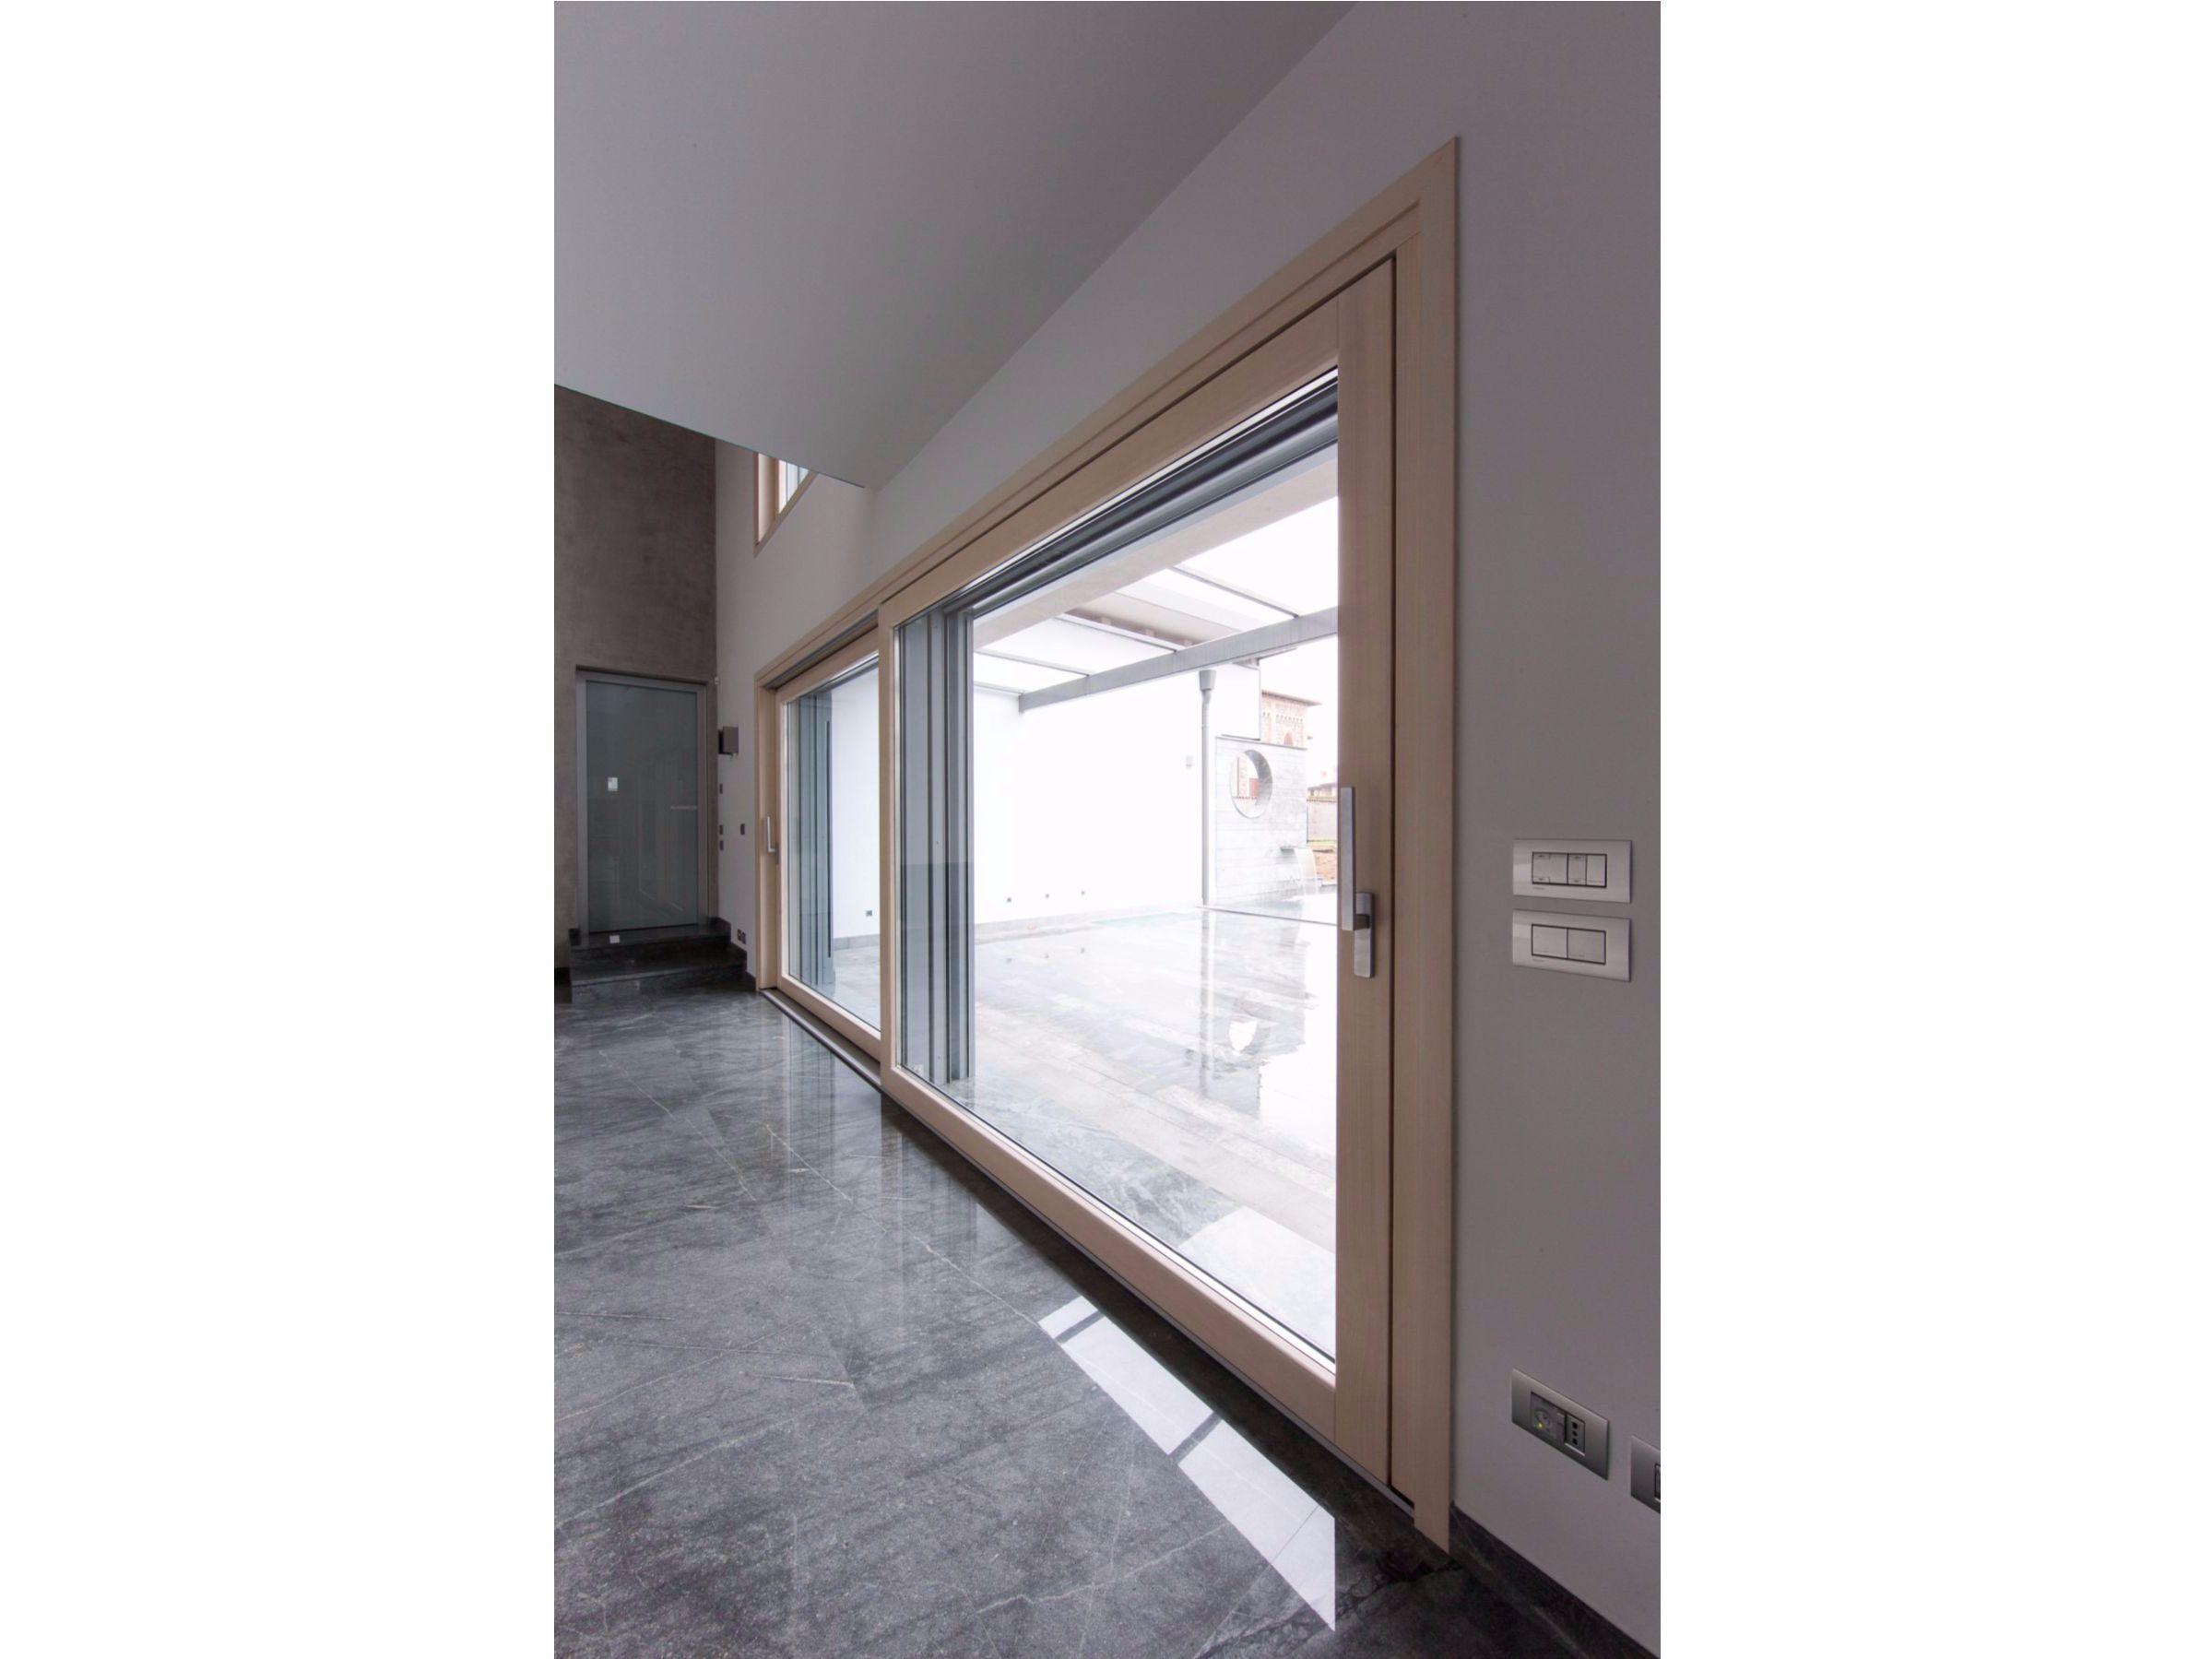 Porta finestra scorrevole complanare in alluminio e legno - Porta scorrevole alluminio ...